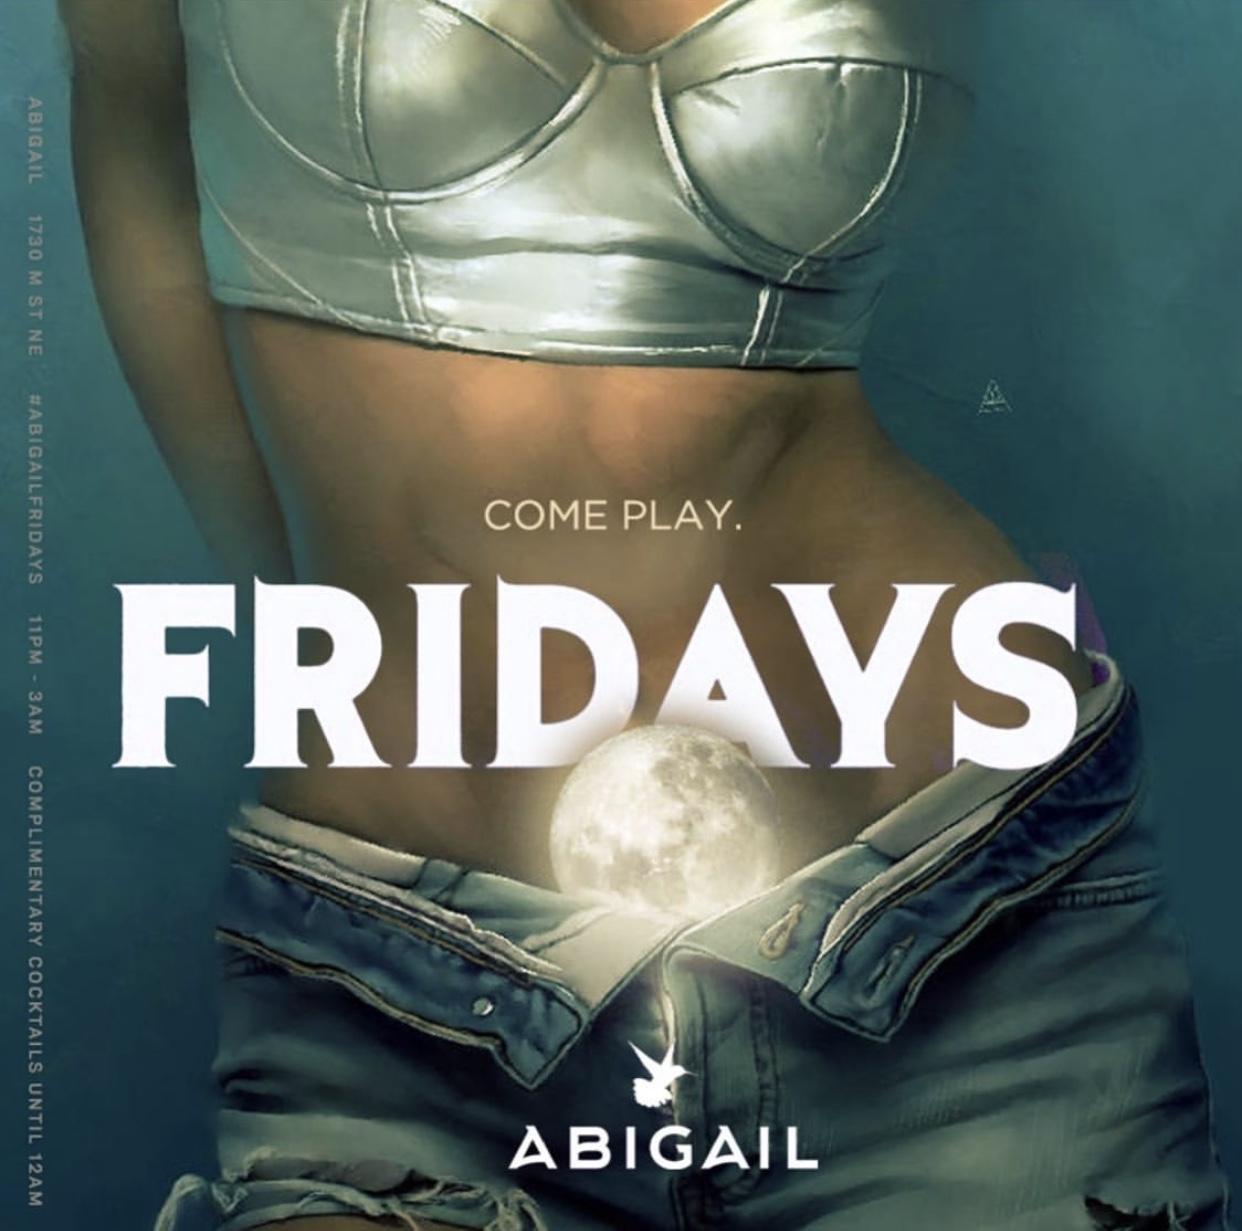 Abigail Friday's